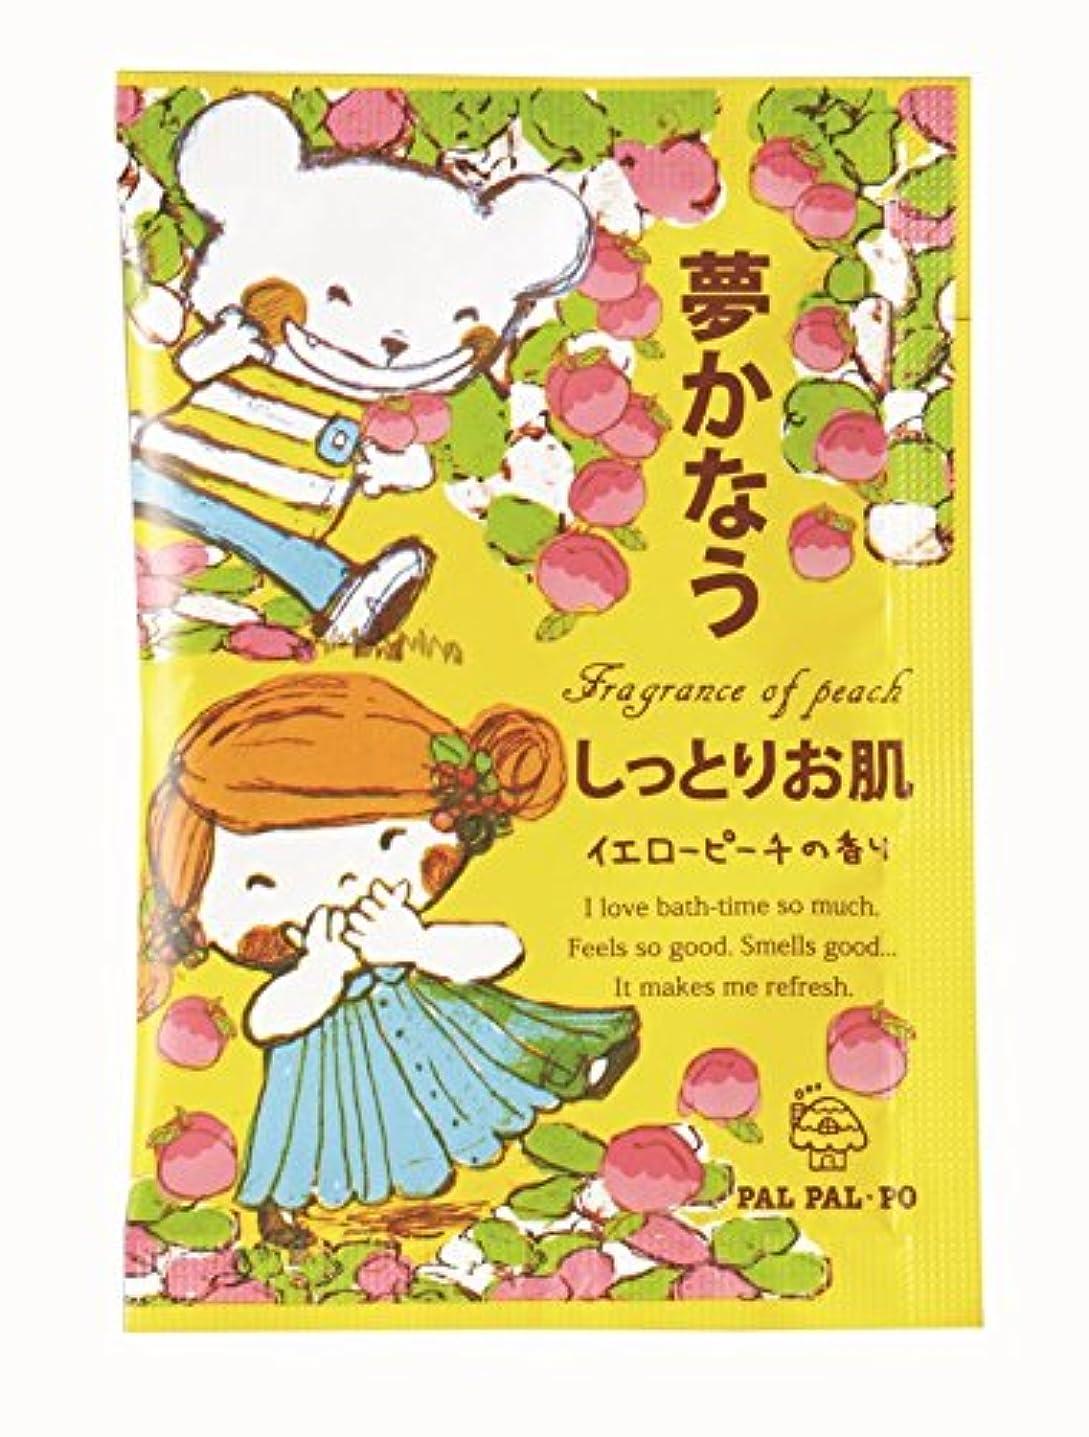 パンダ論理あいまいさ入浴剤 パルパルポ-(しっとりお肌 イエロ-ピ-チの香り)20g ケース 200個入り